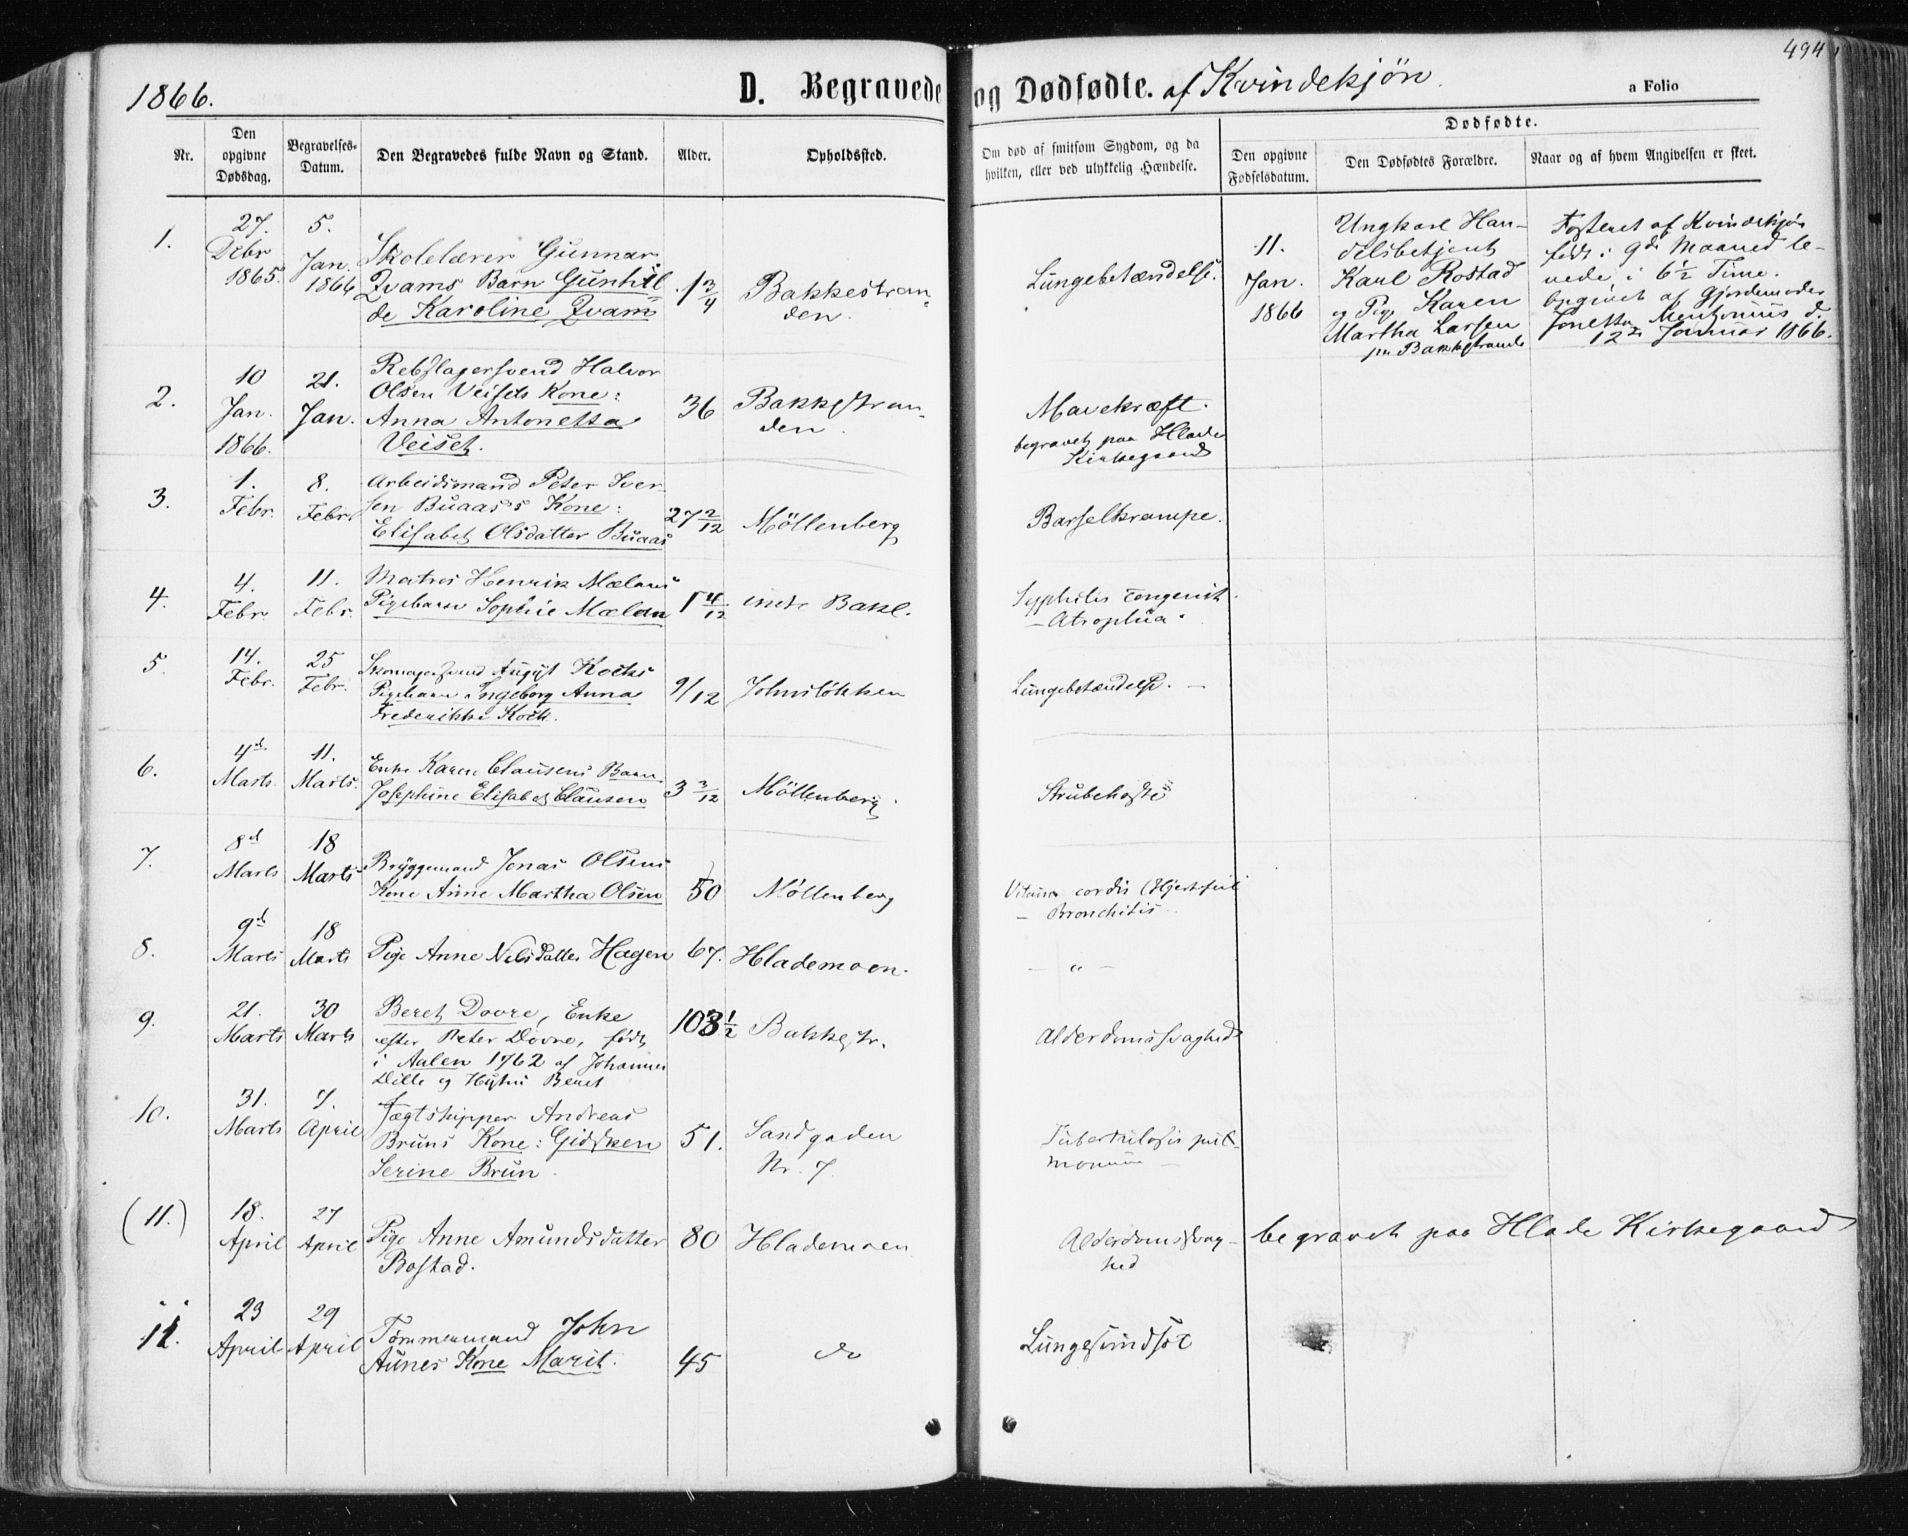 SAT, Ministerialprotokoller, klokkerbøker og fødselsregistre - Sør-Trøndelag, 604/L0186: Ministerialbok nr. 604A07, 1866-1877, s. 494